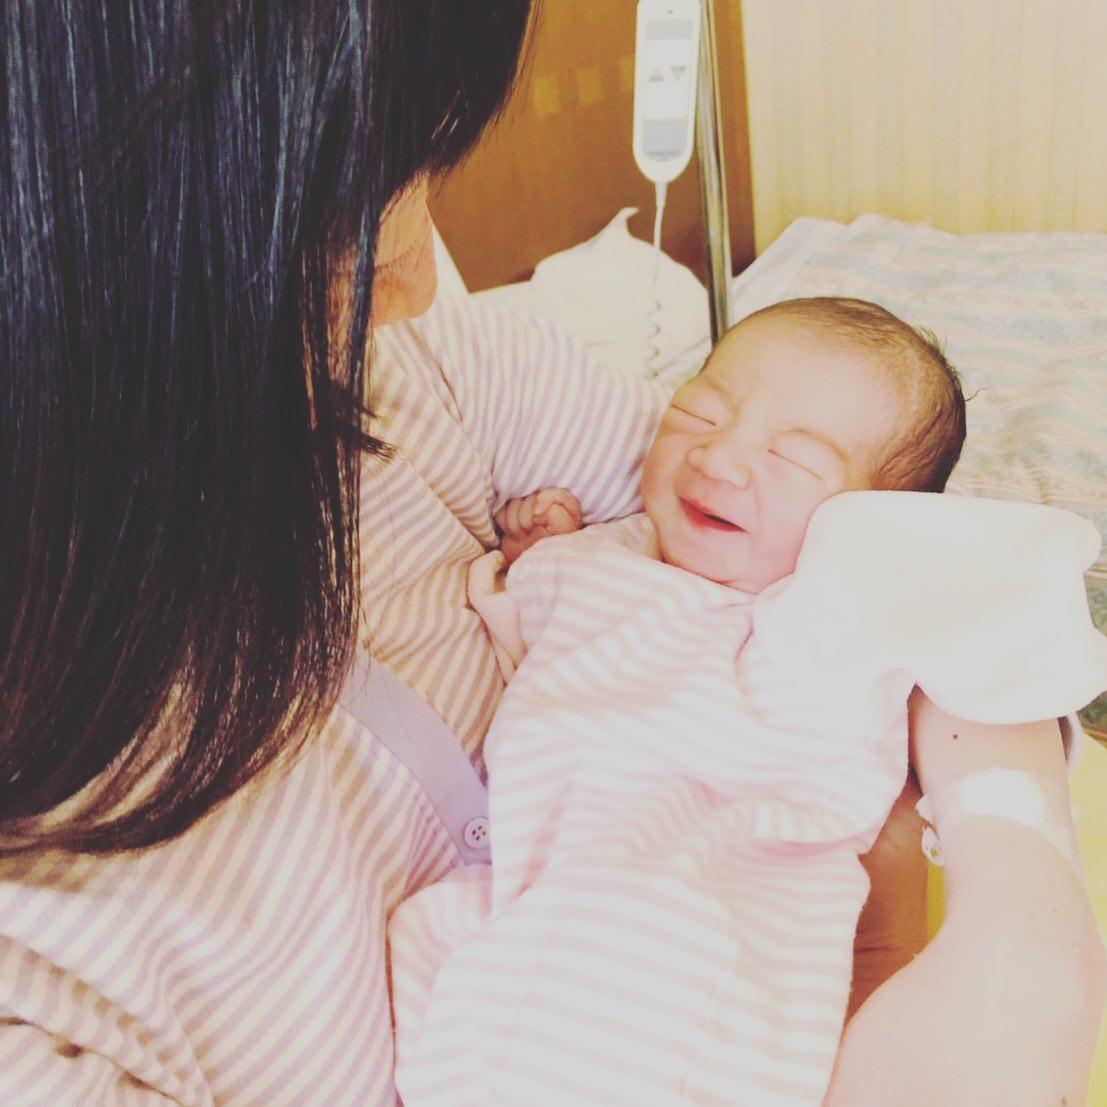 無事赤ちゃん出産しました!元気な女の子ですおかげさまで母子ともに元気です。赤ちゃんが沢山のしあわせを運んでくれて毎日感謝です。これからもこの気持ちを大切にしてそしてこの子に伝えながら主人と二人で協力して頑張っていきたいと思います。本当に沢山お世話になりありがとうございました!おめでとう~お二人がいつも同じ方を向いて一生懸命だったからきっと赤ちゃんに通じたんやね本当に良かったね~【予約・お問い合わせ】#ナオエ夢鍼灸院( #滋賀 #近江八幡 )℡0748-32-1172 #鍼灸 #妊活 #不妊治療 #妊活鍼灸#不妊#赤ちゃんがほしい #ベビ待ち #ママになりたい #妊活記録 #温熱#癒し#大津 #石山 #草津#南草津 #栗東#堅田 #守山 #野洲 #彦根 #東近江